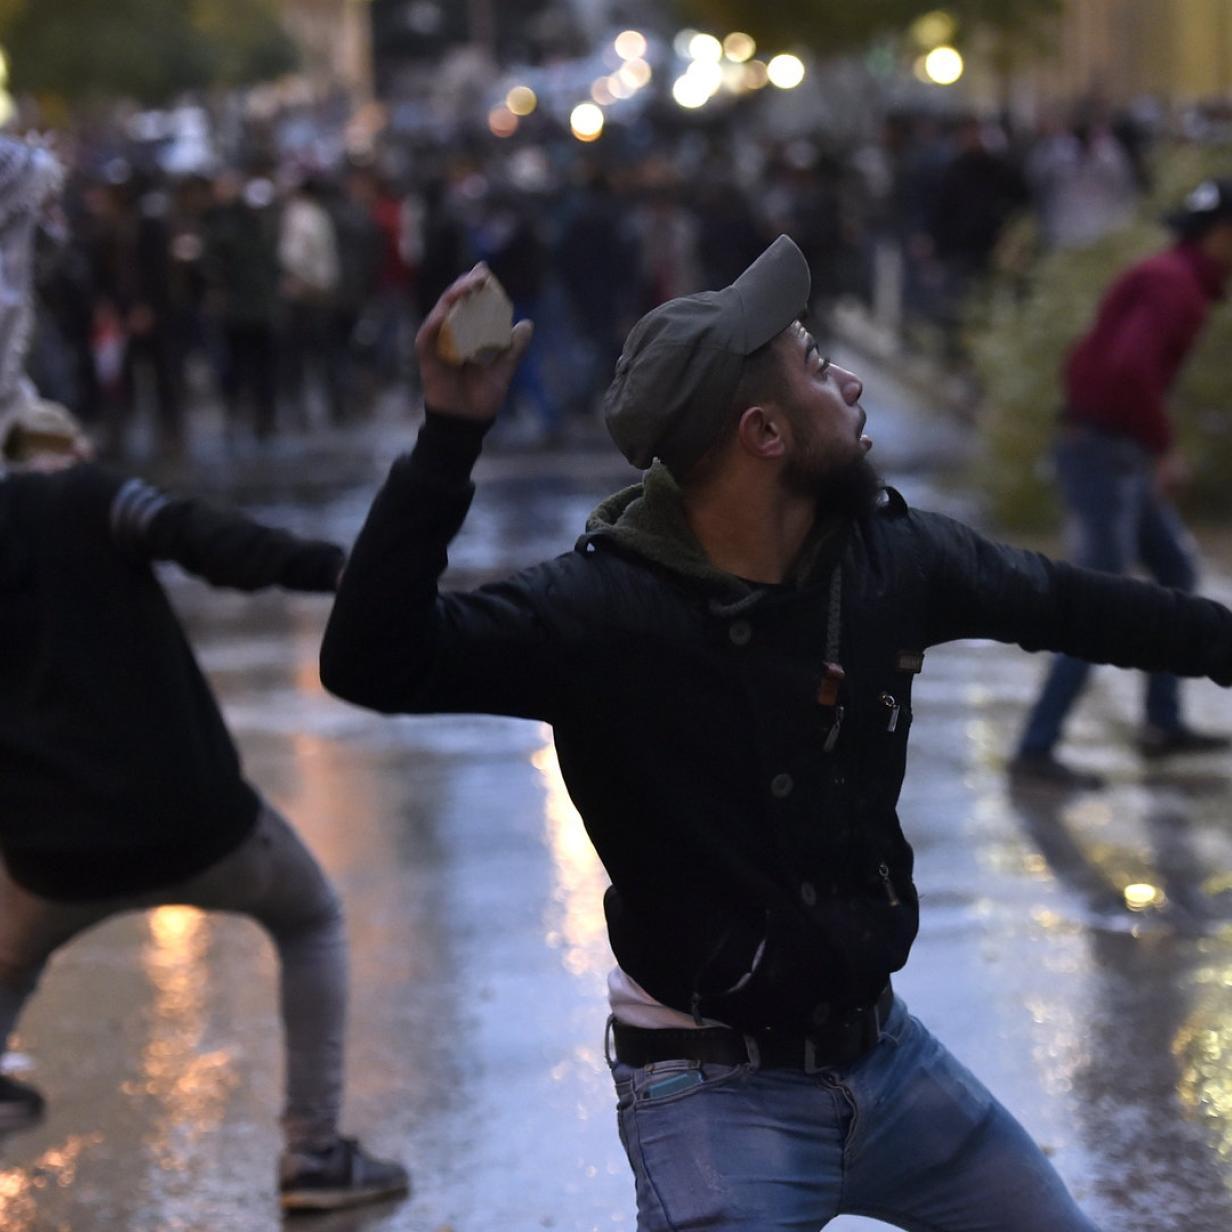 Libanon: Erneut gewaltsame Zusammenstöße nach Regierungsbildung